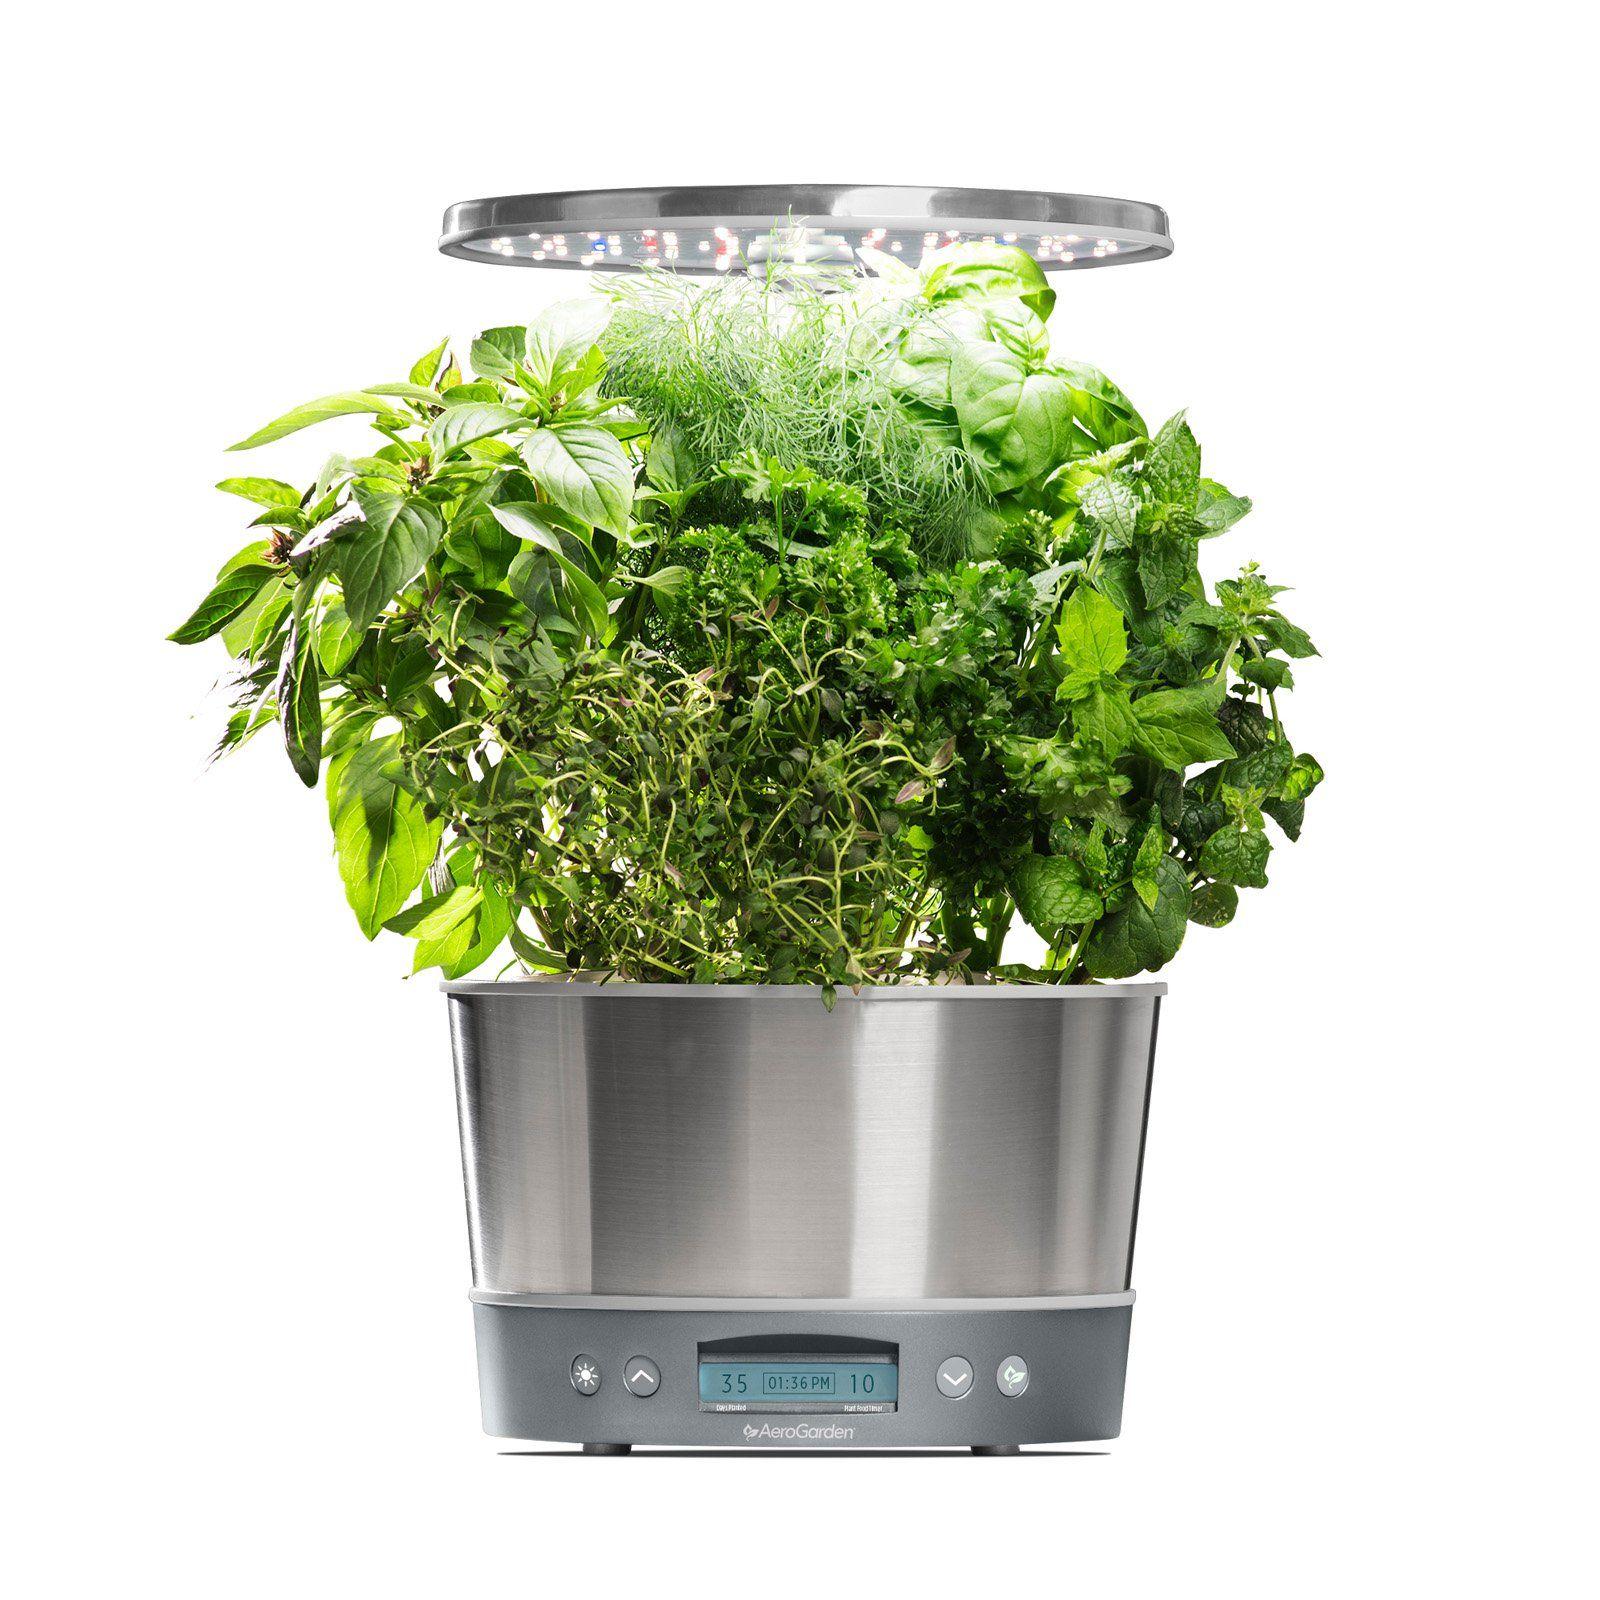 Aerogarden Harvest Elite 360 Hydroponic Garden System 400 x 300